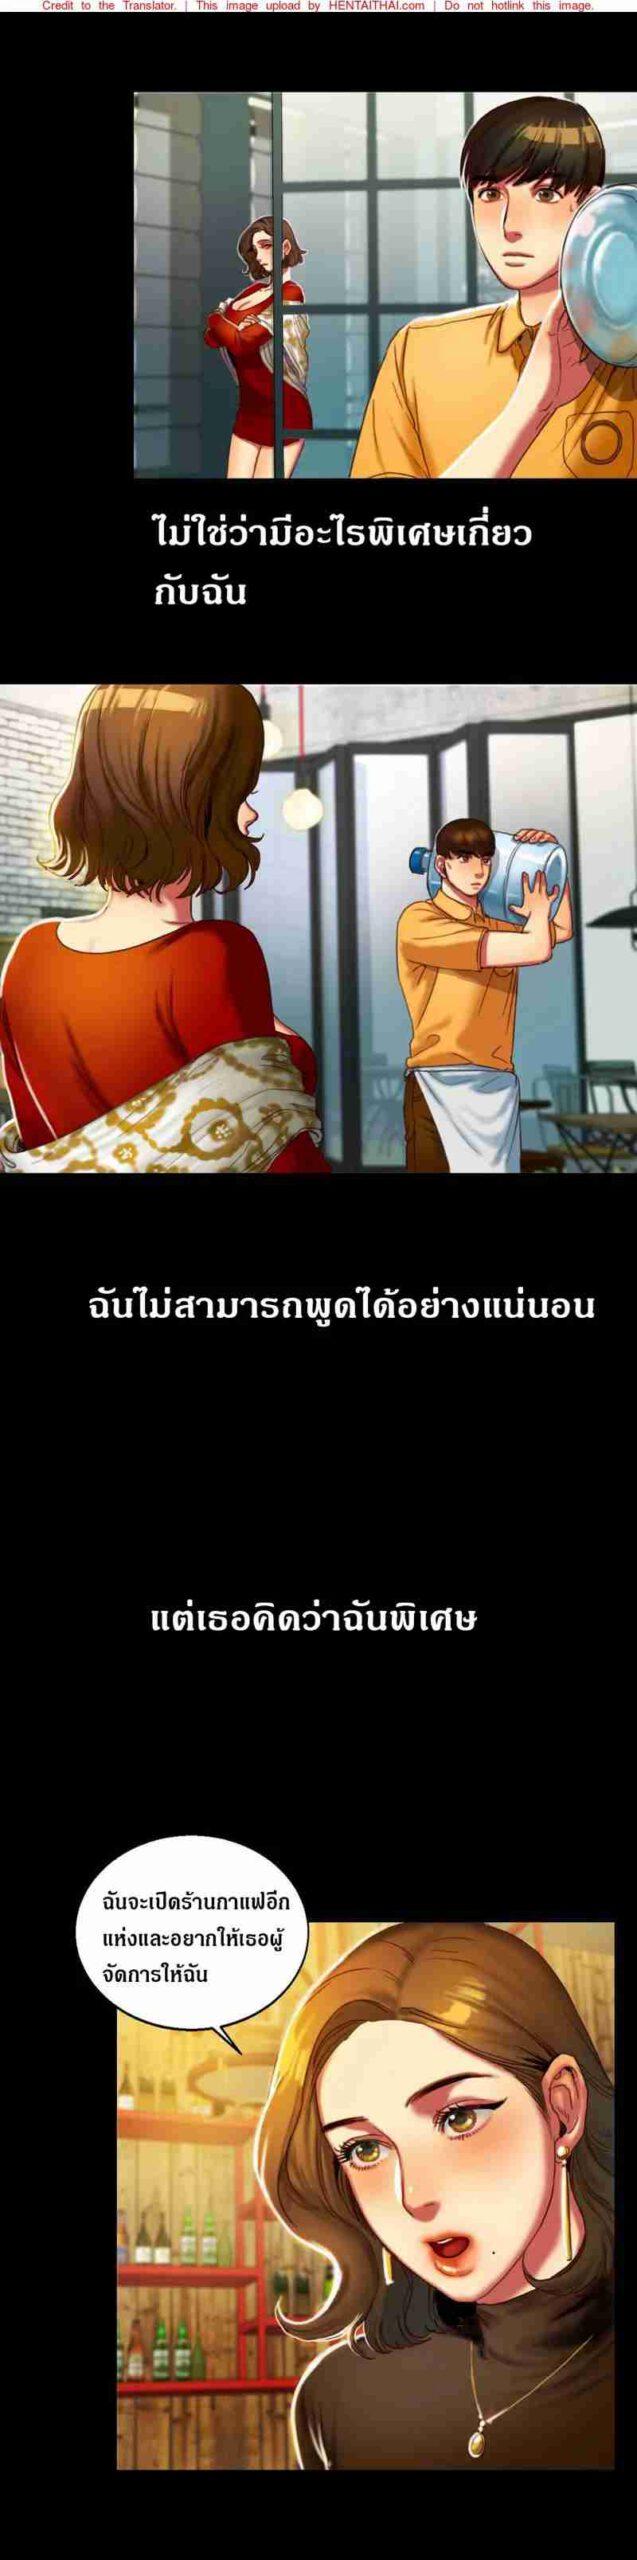 โดจิน Doujin หวานให้อมขมให้กลืน(2)12